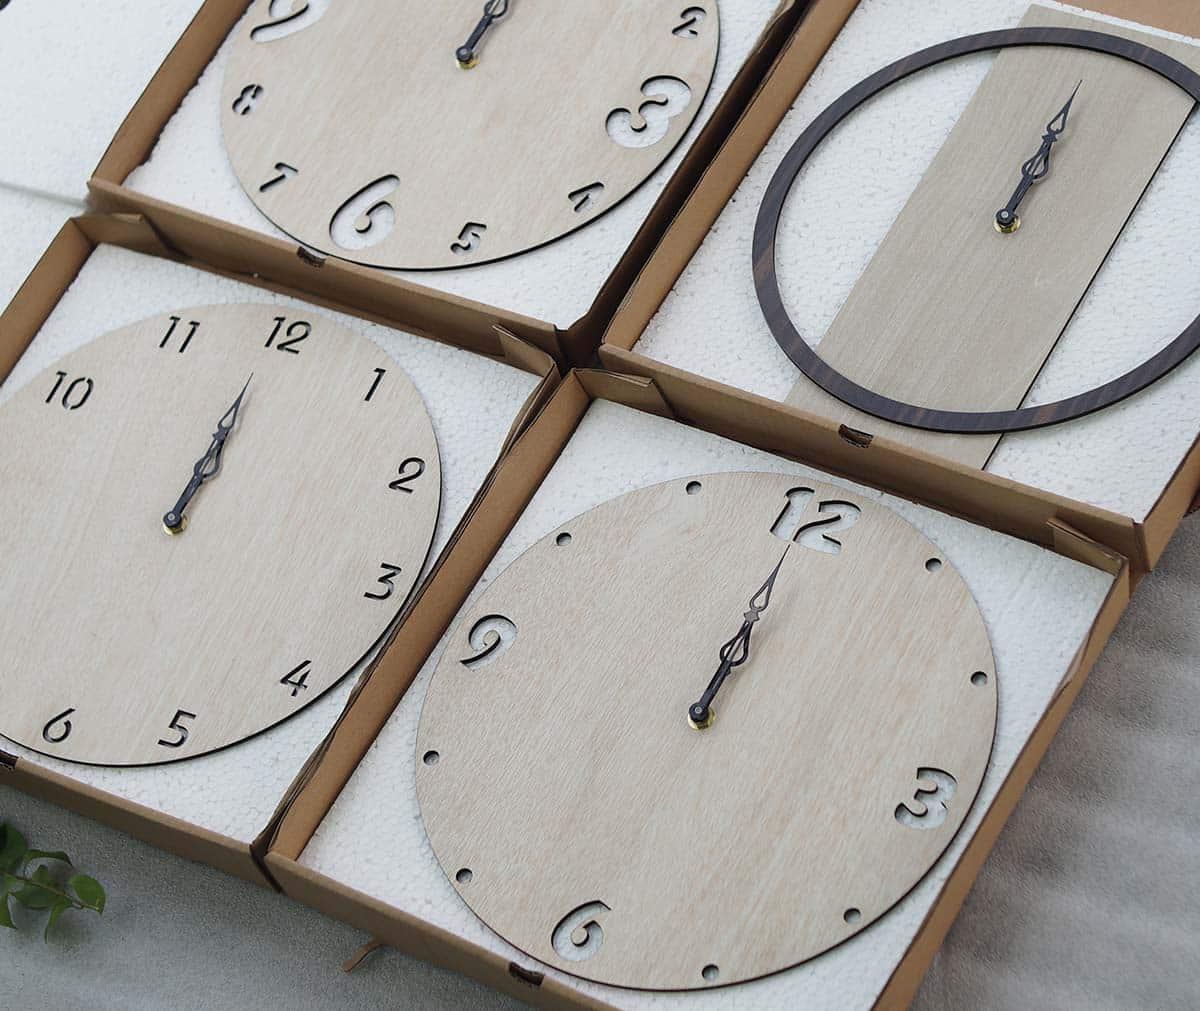 Đồng hồ treo tường kim trôi có phát ra tiếng động không?